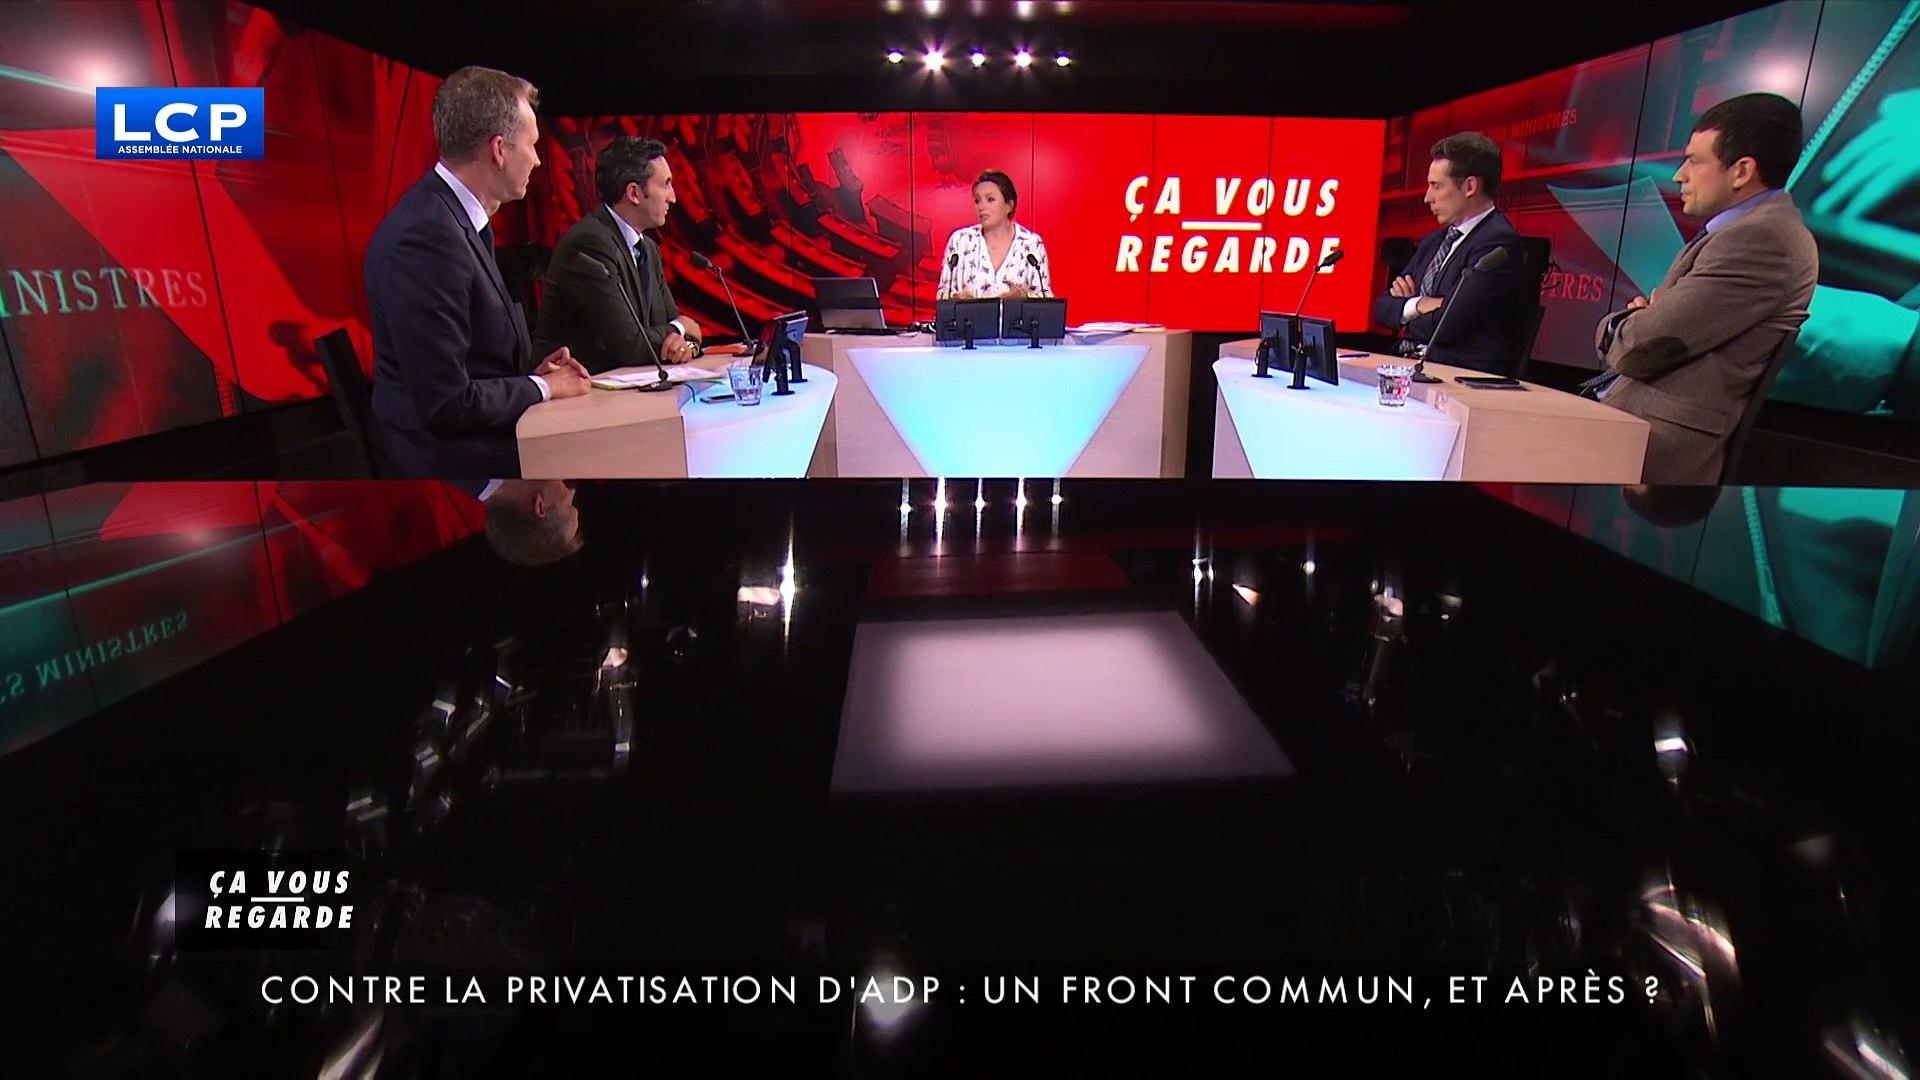 Contre la privatisation d'ADP : un front commun, et après ?